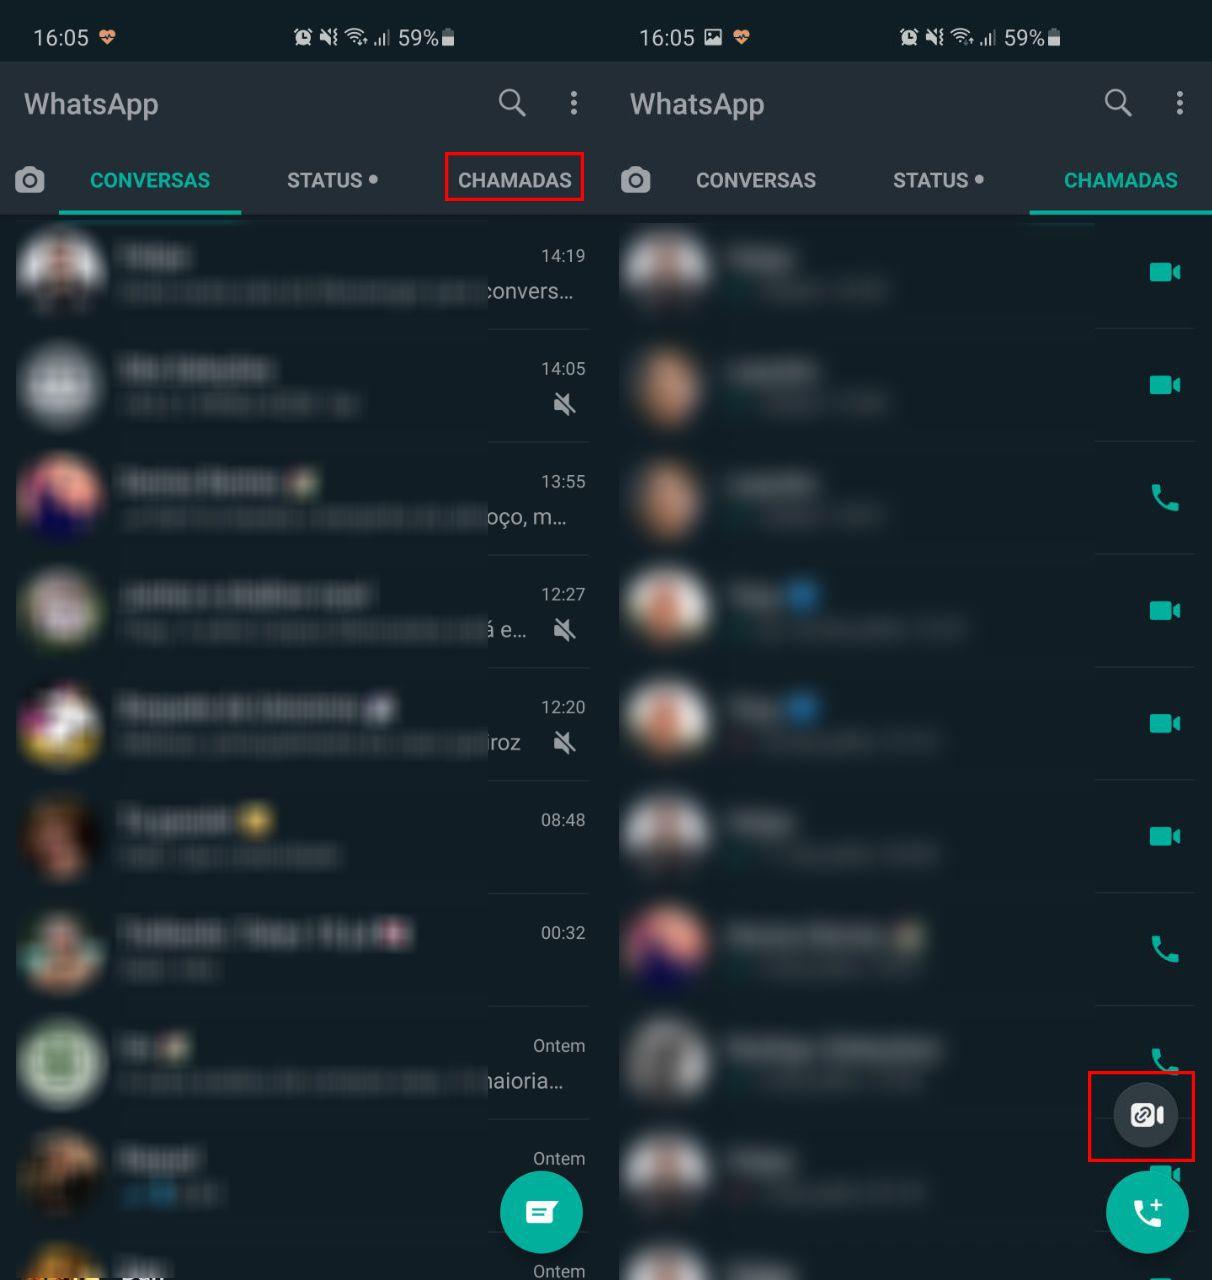 Acessando o Messenger Rooms pelo WhatsApp. (Imagem: Reprodução/Ana Marques)